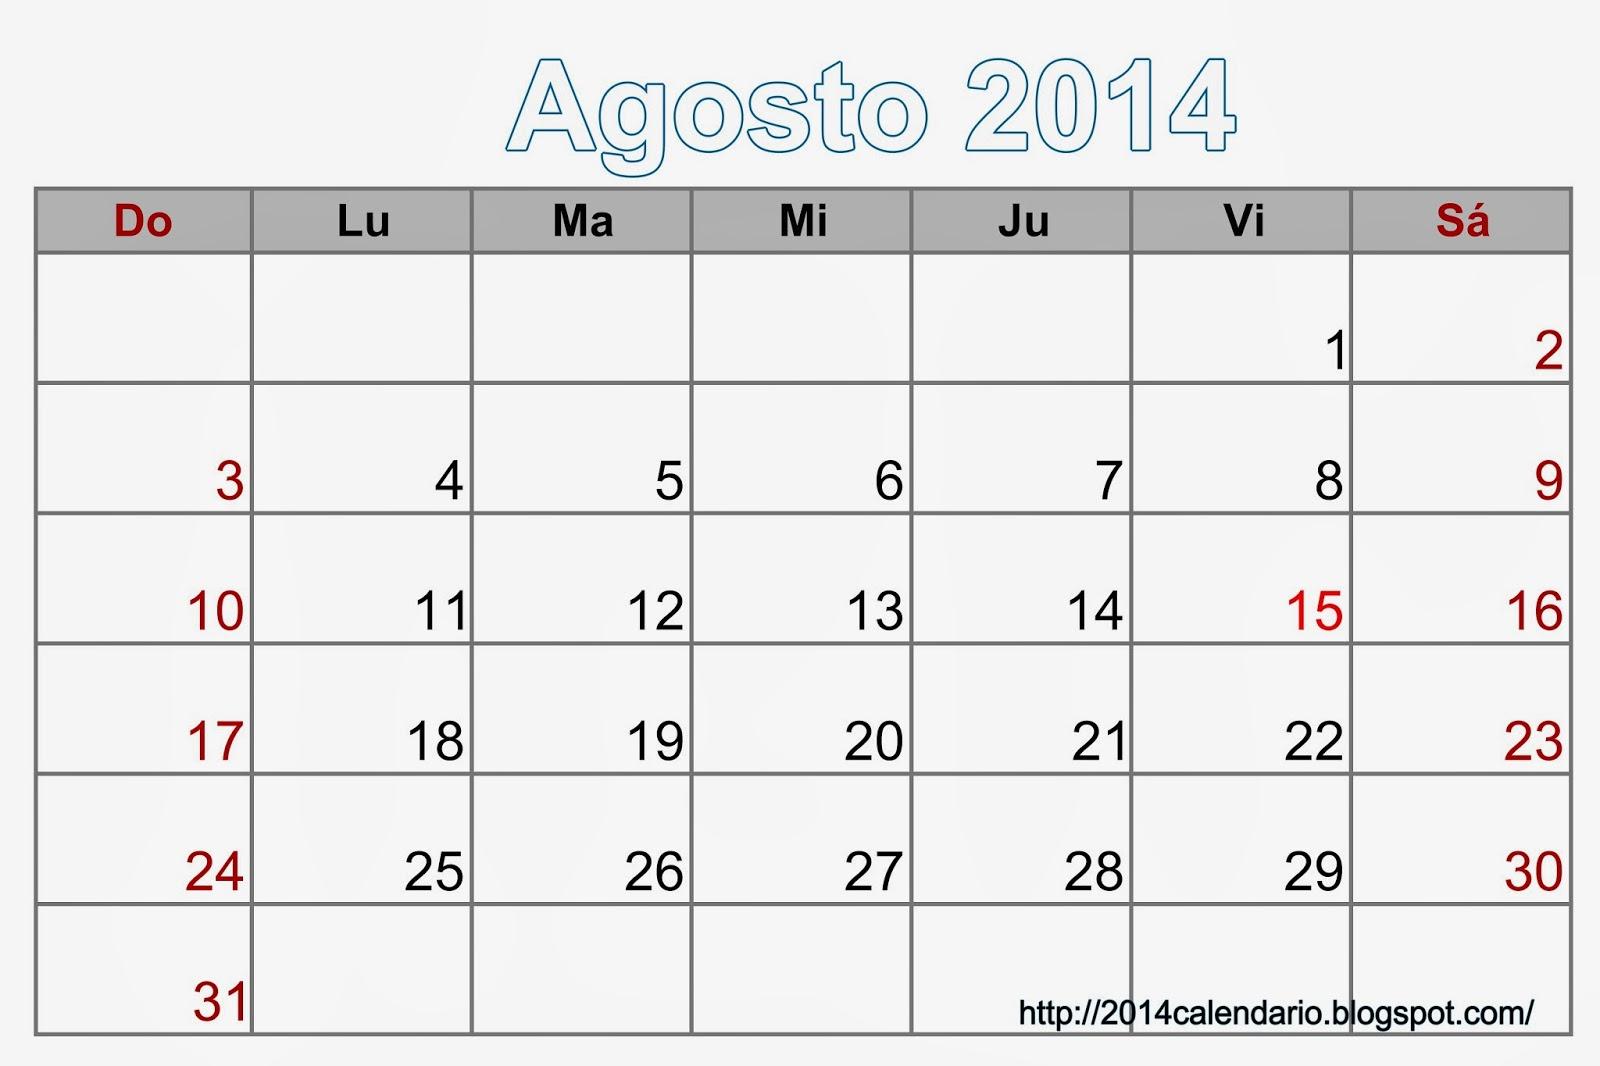 Calendario Agosto 2014 en Excel, Calendario 2014 para ...